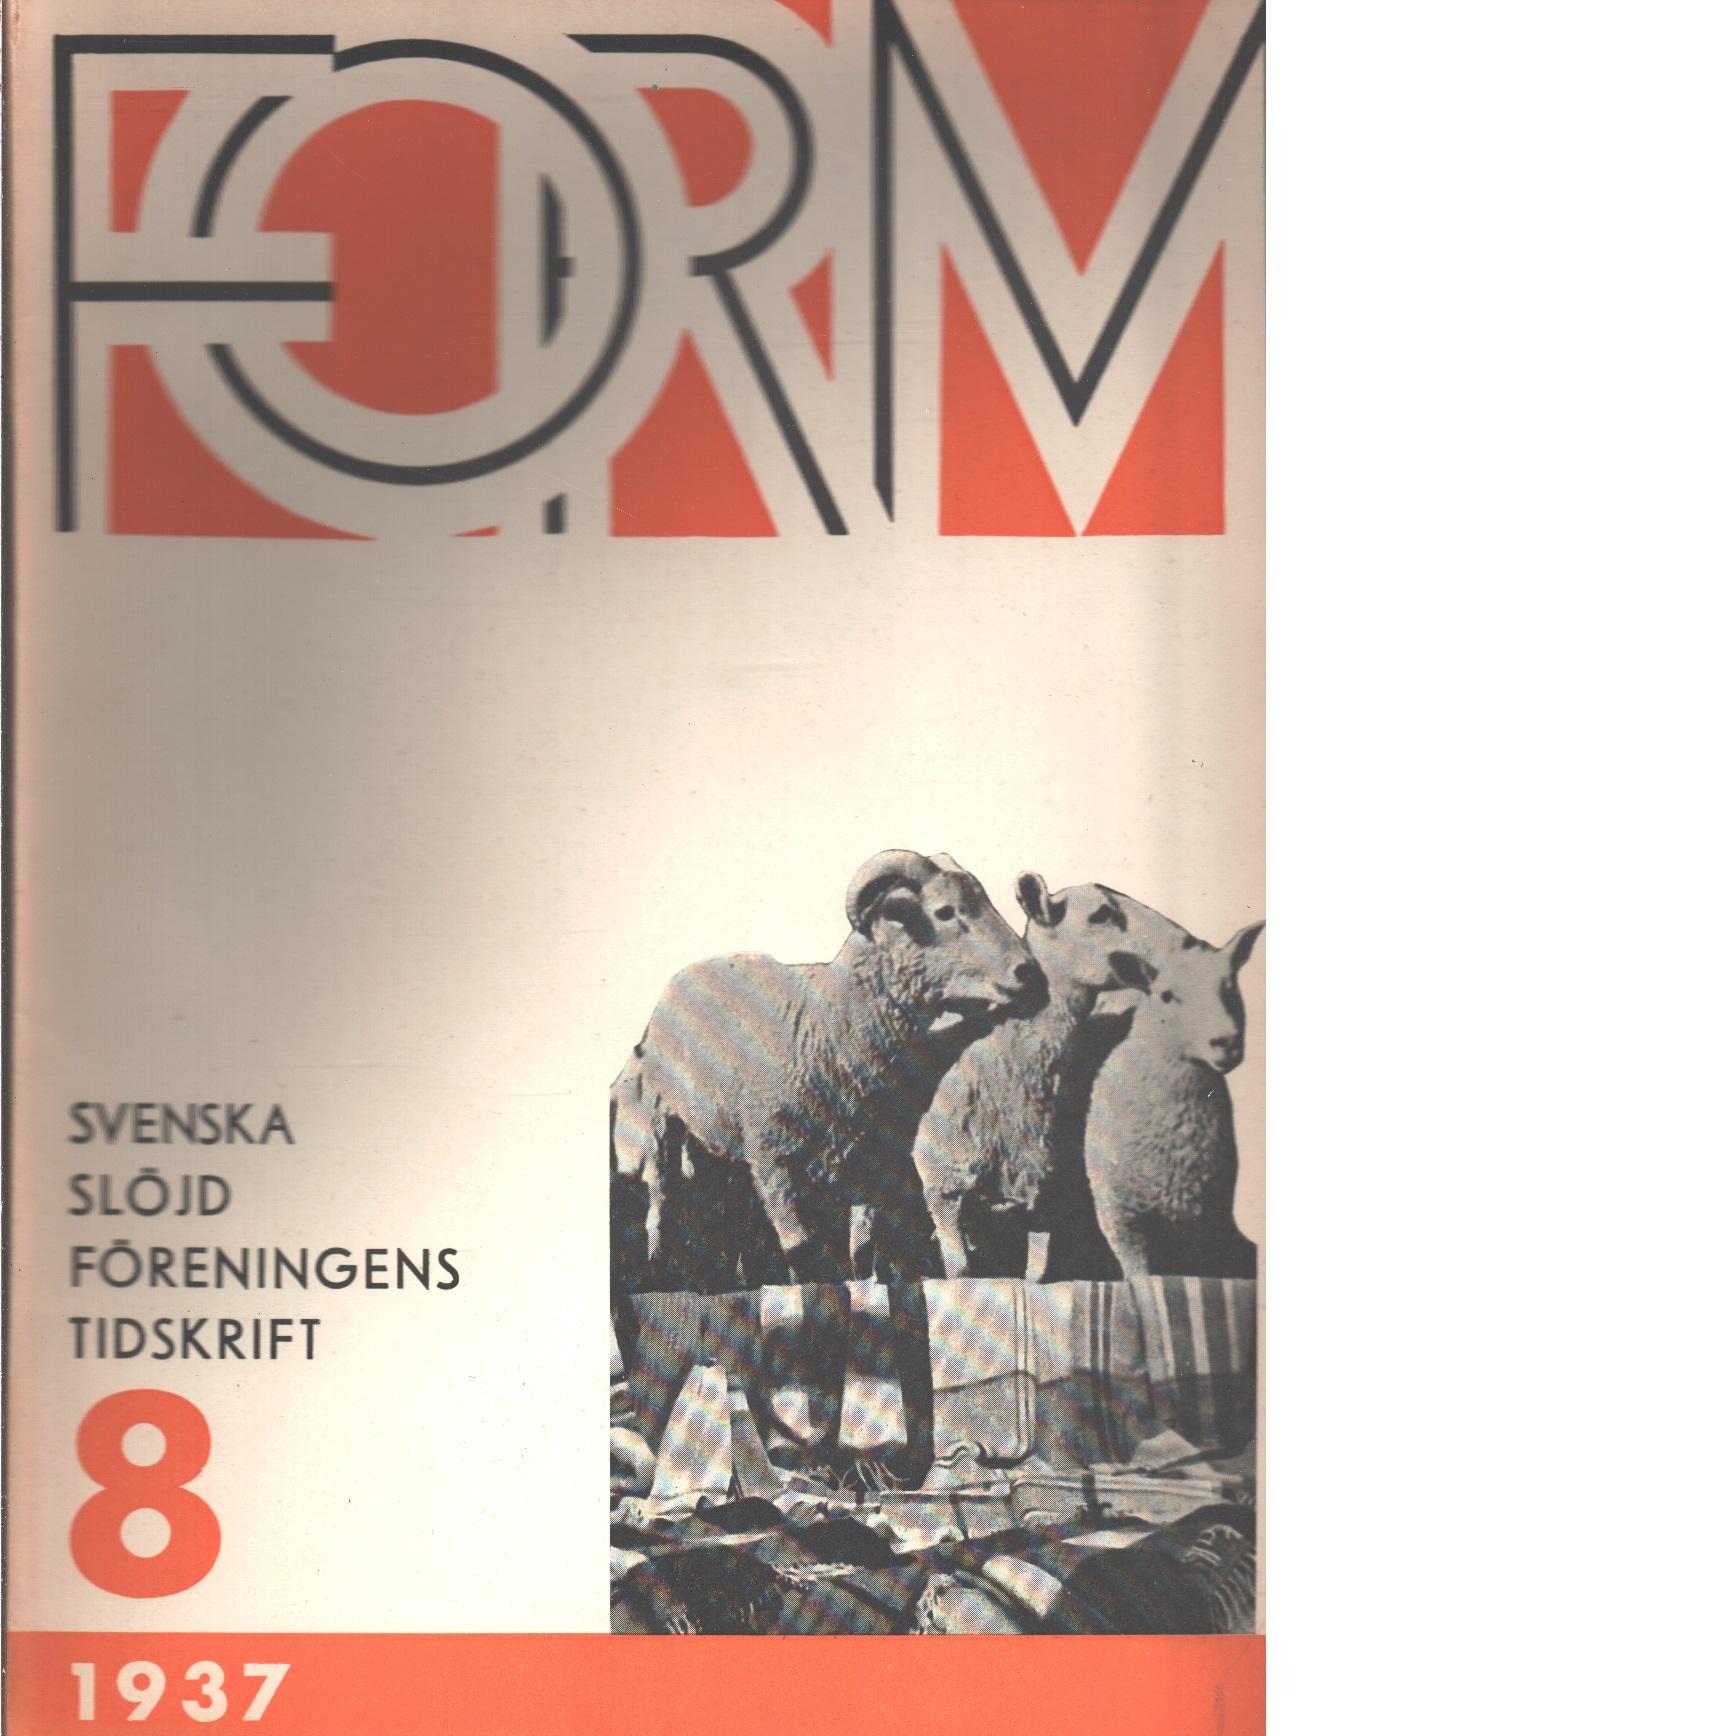 Form : Svenska slöjdföreningens tidskrift Nr 8 1937 - Red.